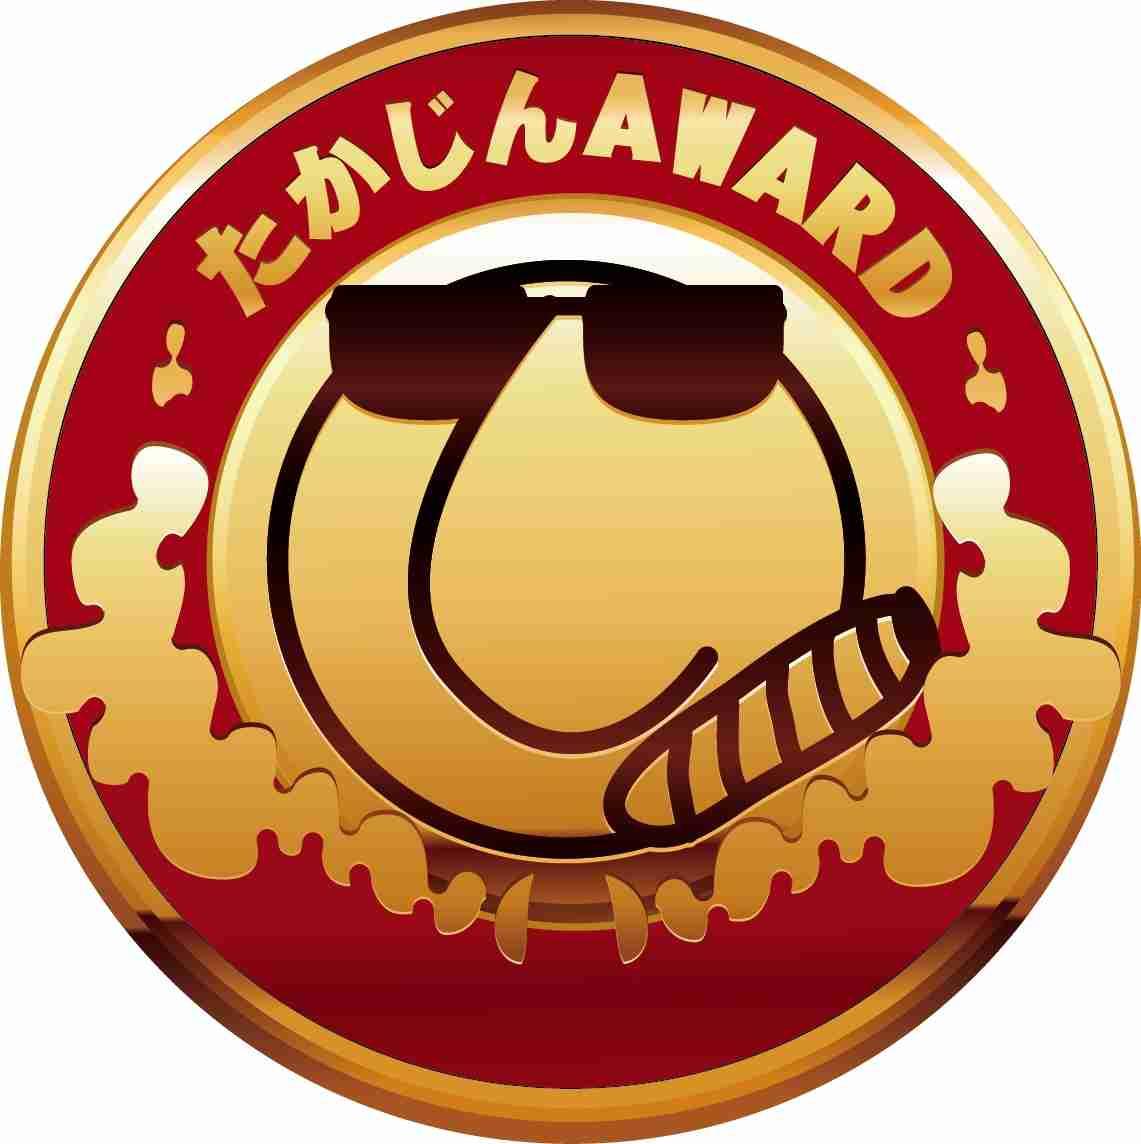 第一回 大阪泉州夏祭り2017 Supported by たかじんAWARD 記者発表会のご案内|大阪泉州夏祭り実行委員会のプレスリリース